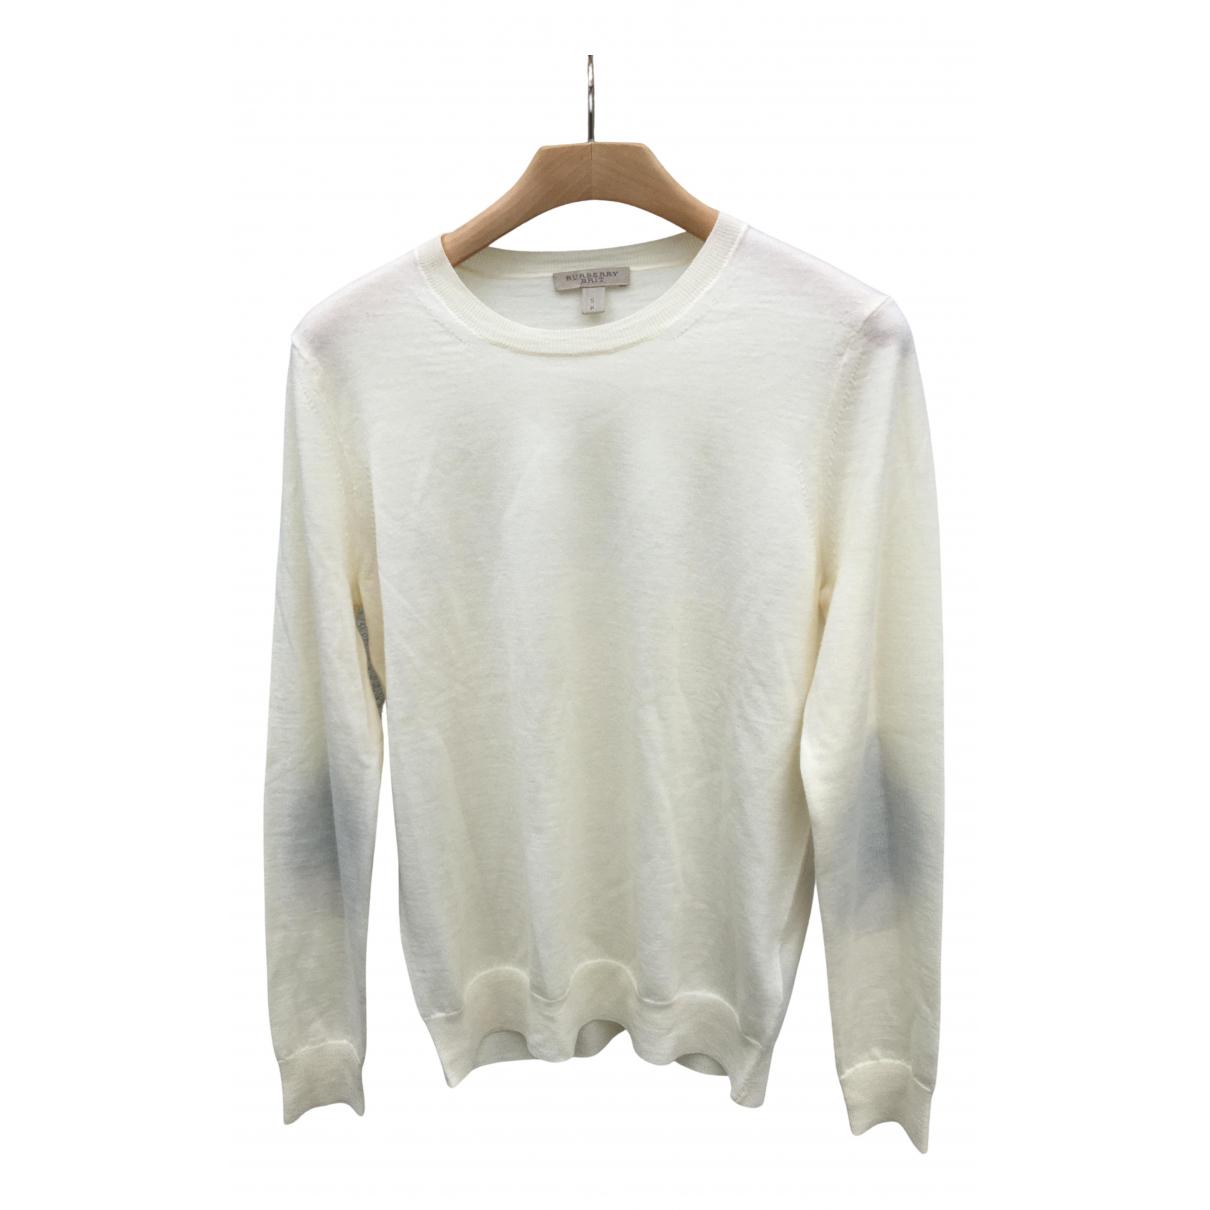 Burberry N White Wool Knitwear for Women S International